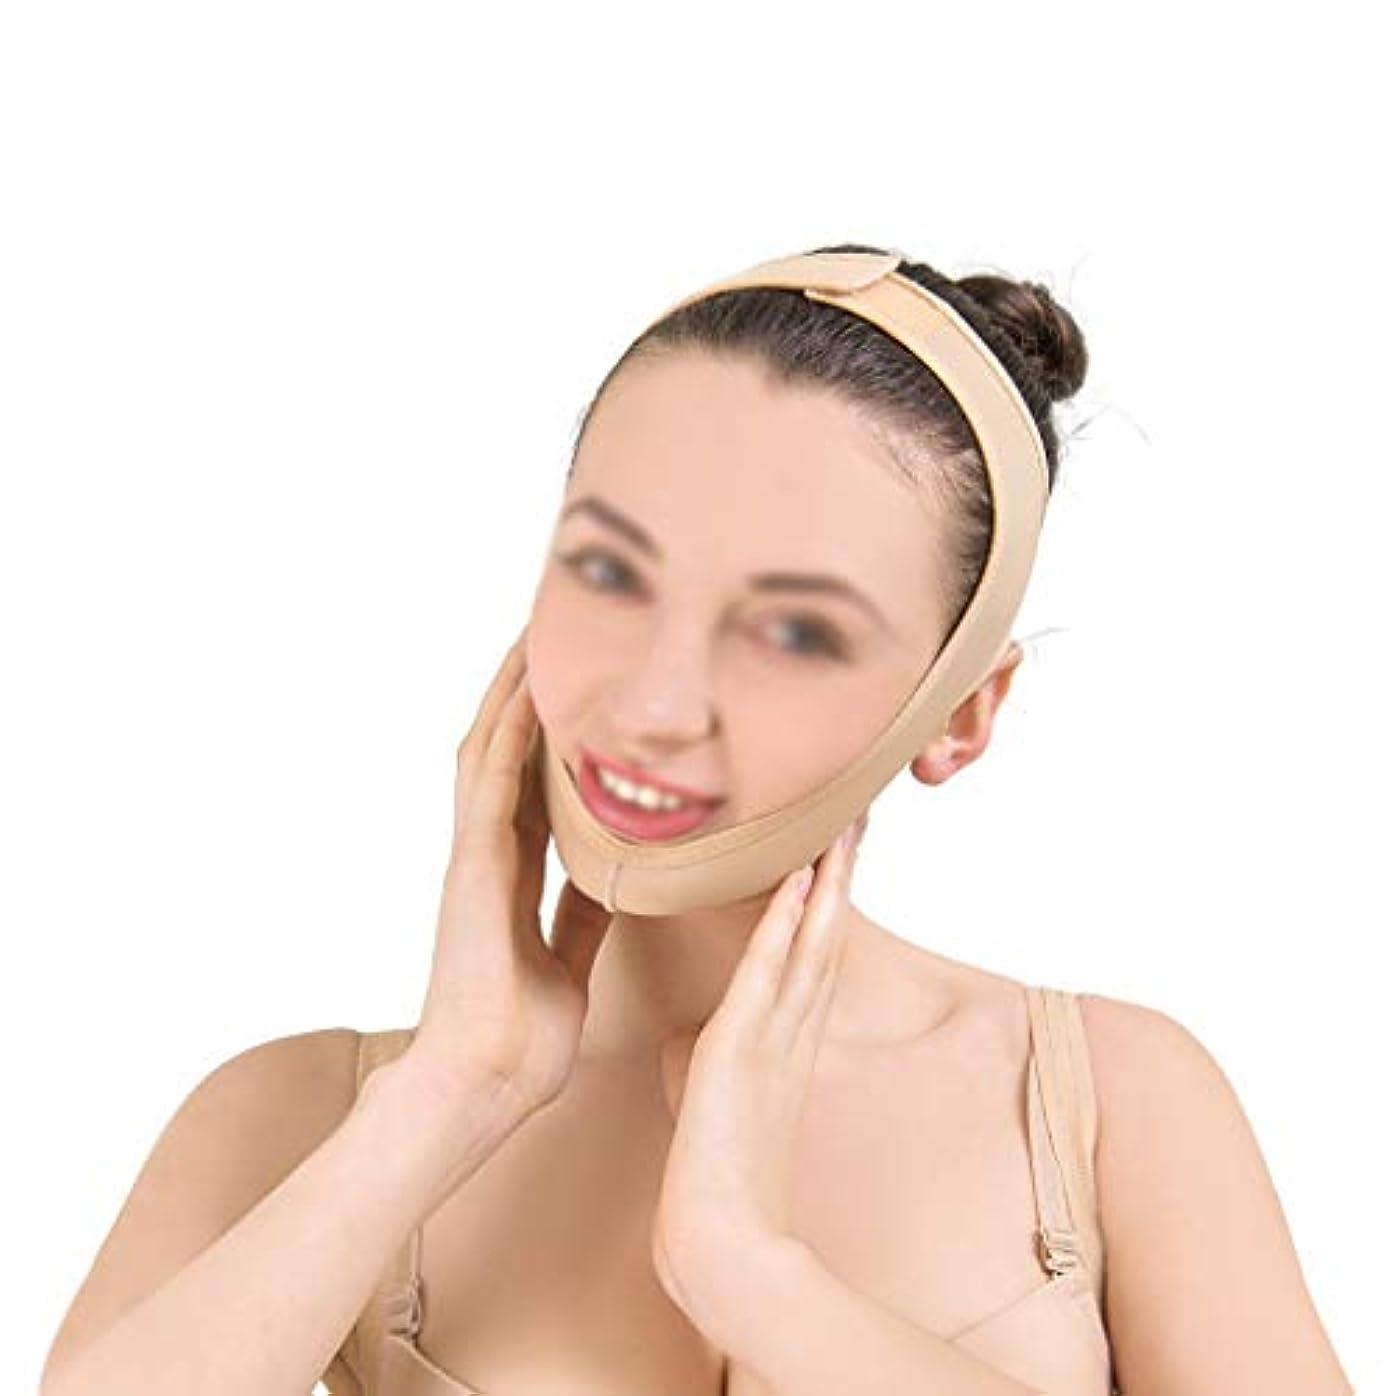 粘液注目すべき敵対的XHLMRMJ フェイスシェイピングベルト、肌の包帯の持ち上げと締め付け、フェイスベルトの持ち上げ、快適で通気性のあるフェイシャルリフティングマスク (Size : XL)